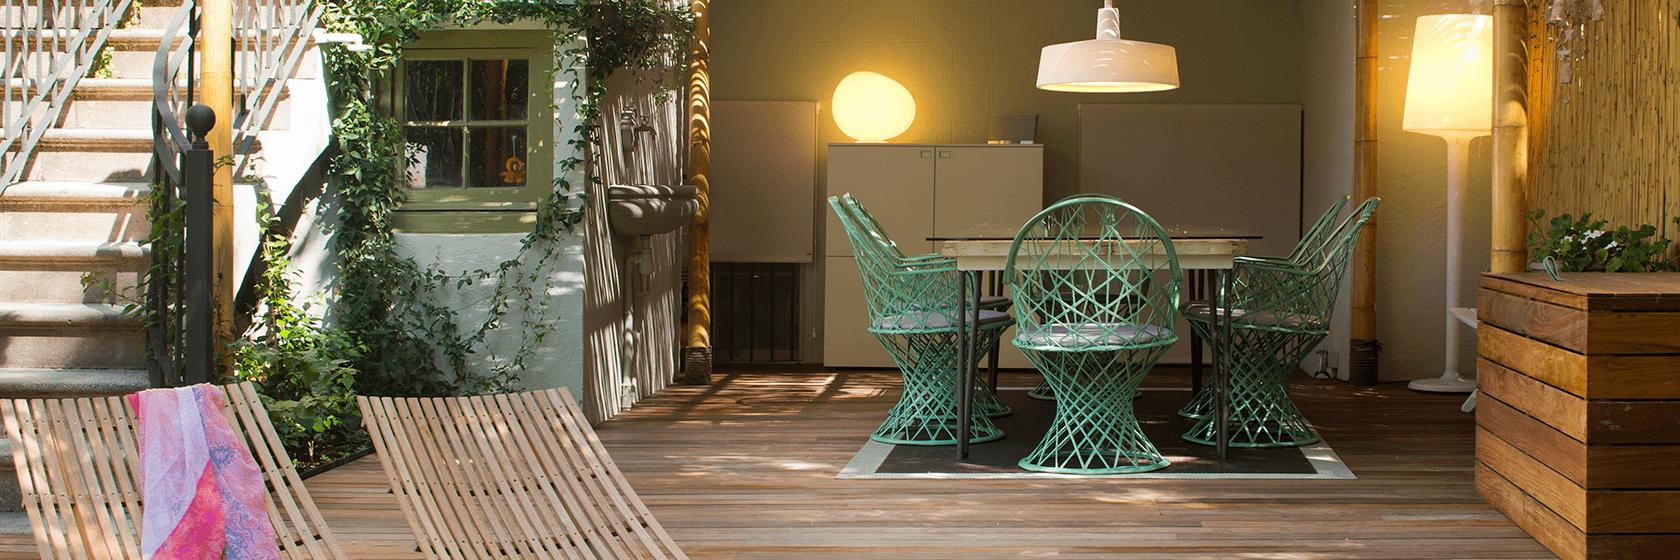 Idees per dissenyar menjadors exteriors? | The Room Studio